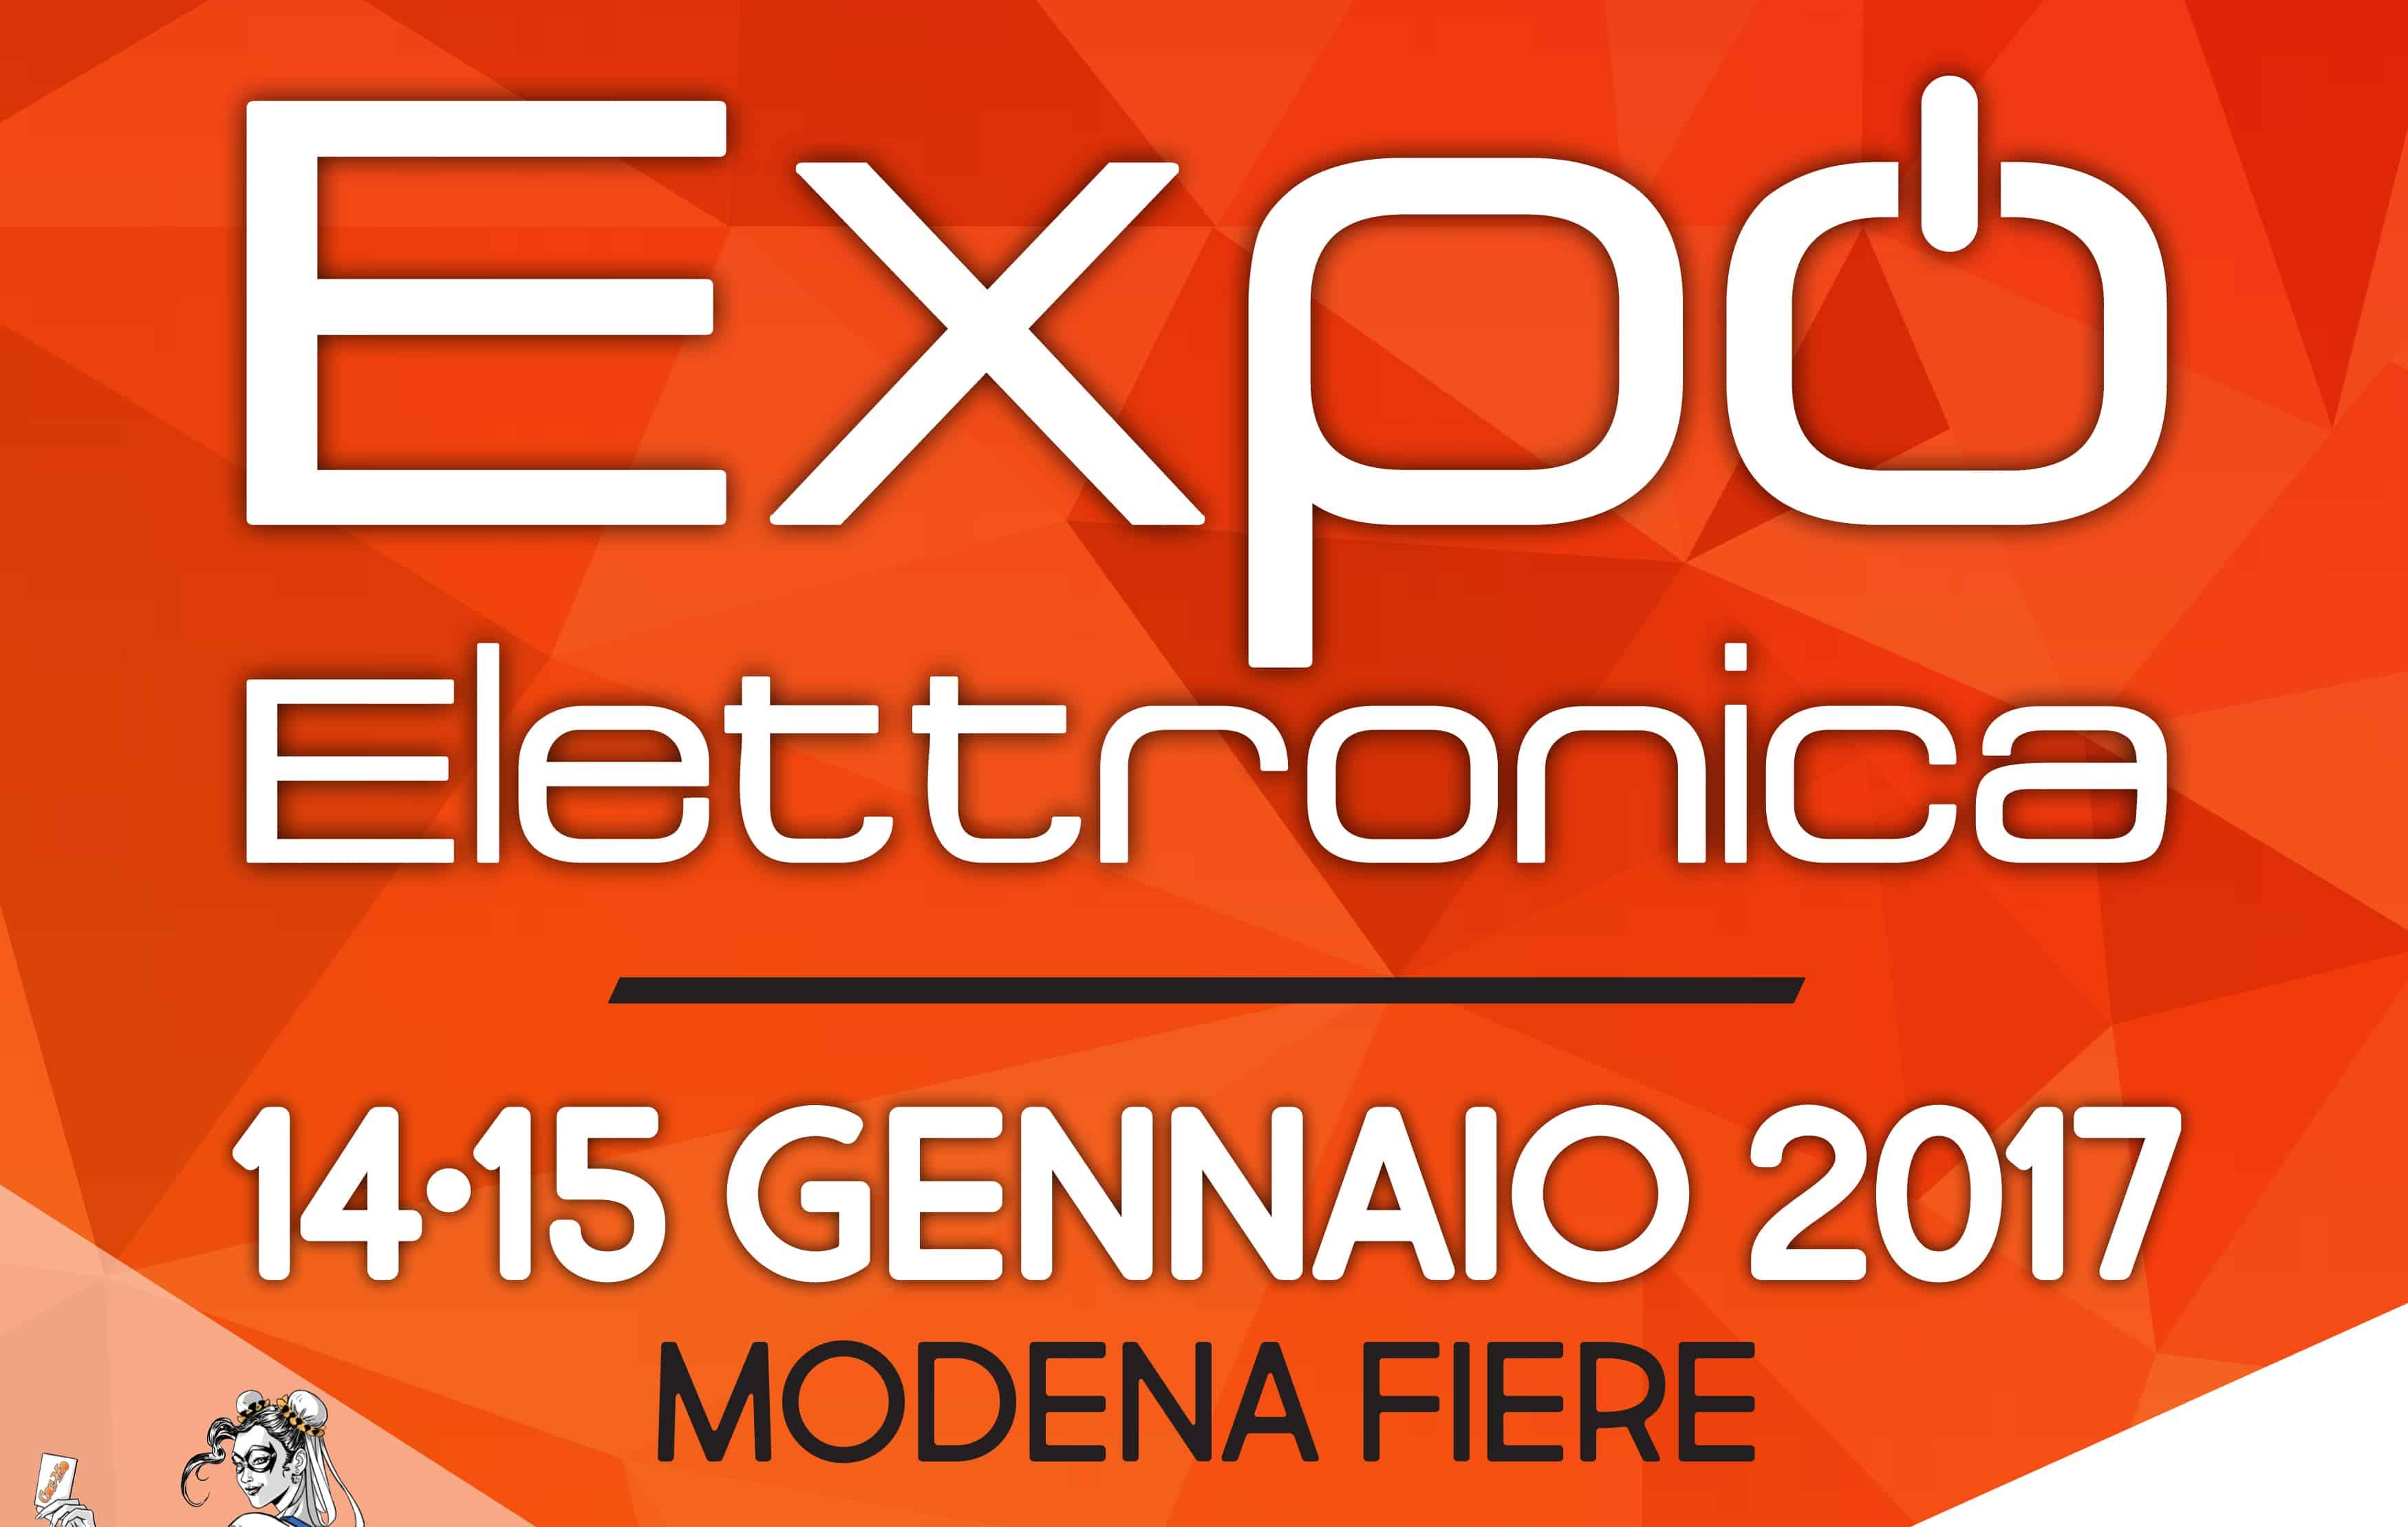 Modena Expo Elettronica 2016